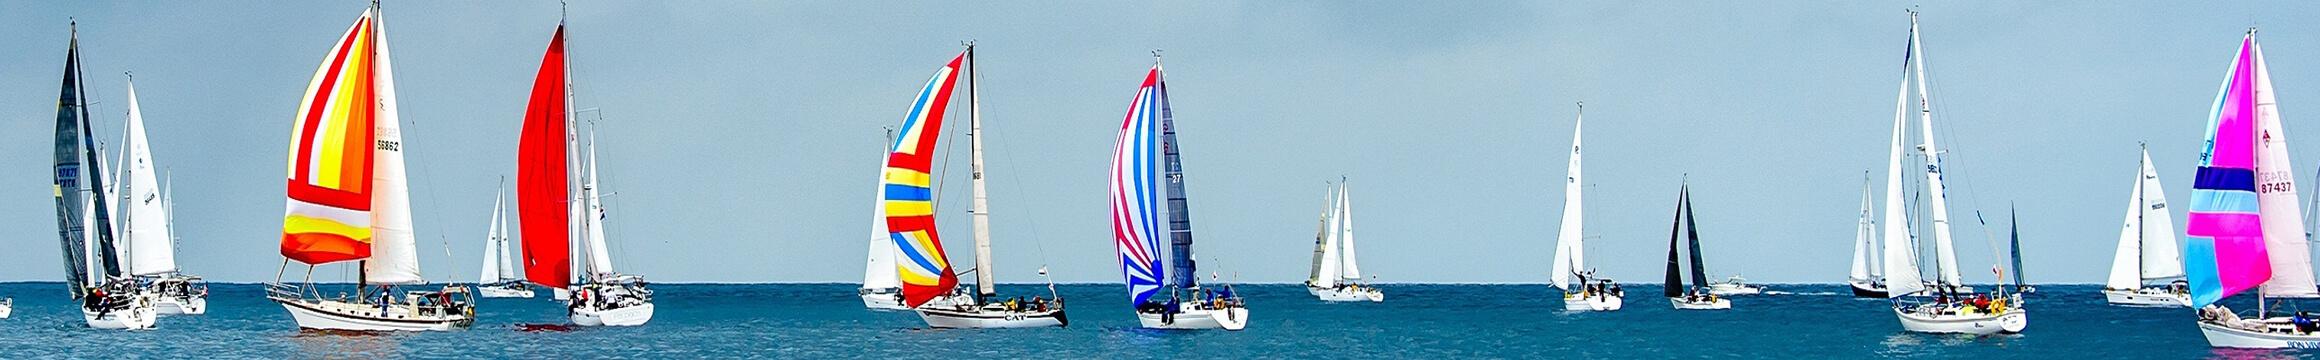 Boats 08